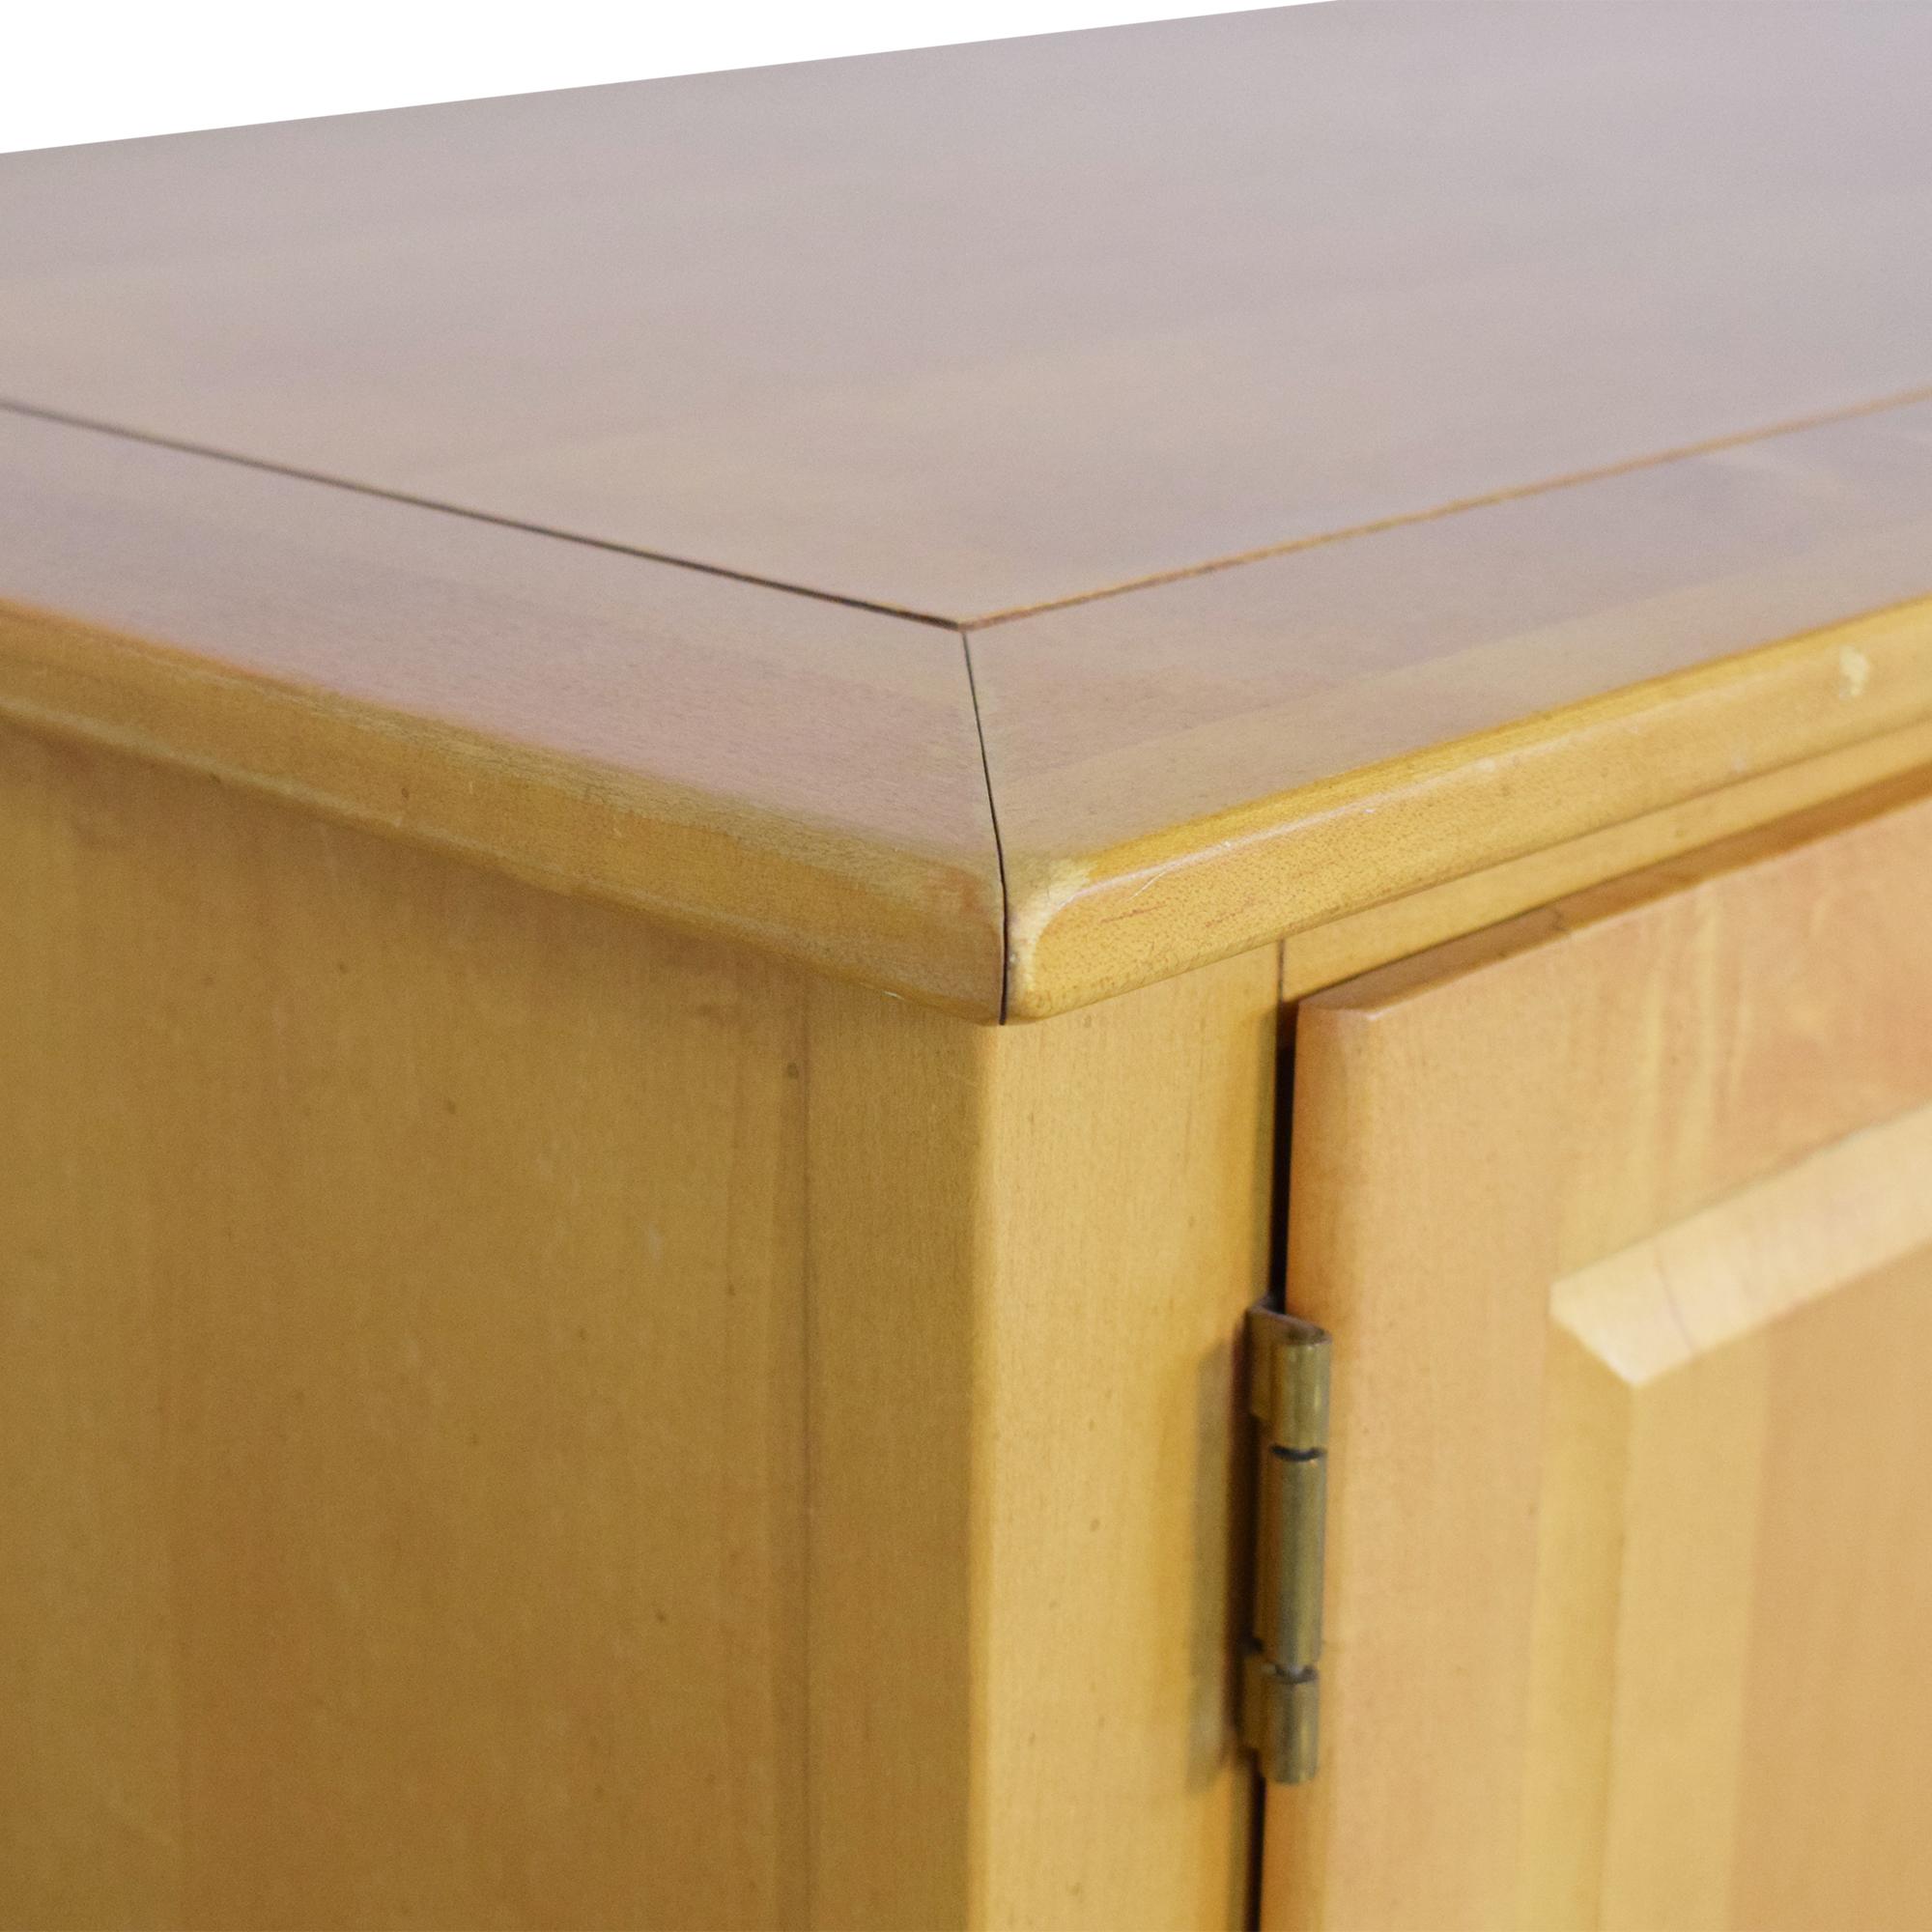 Stanley Furniture Stanley Funiture Double Door Dresser nyc